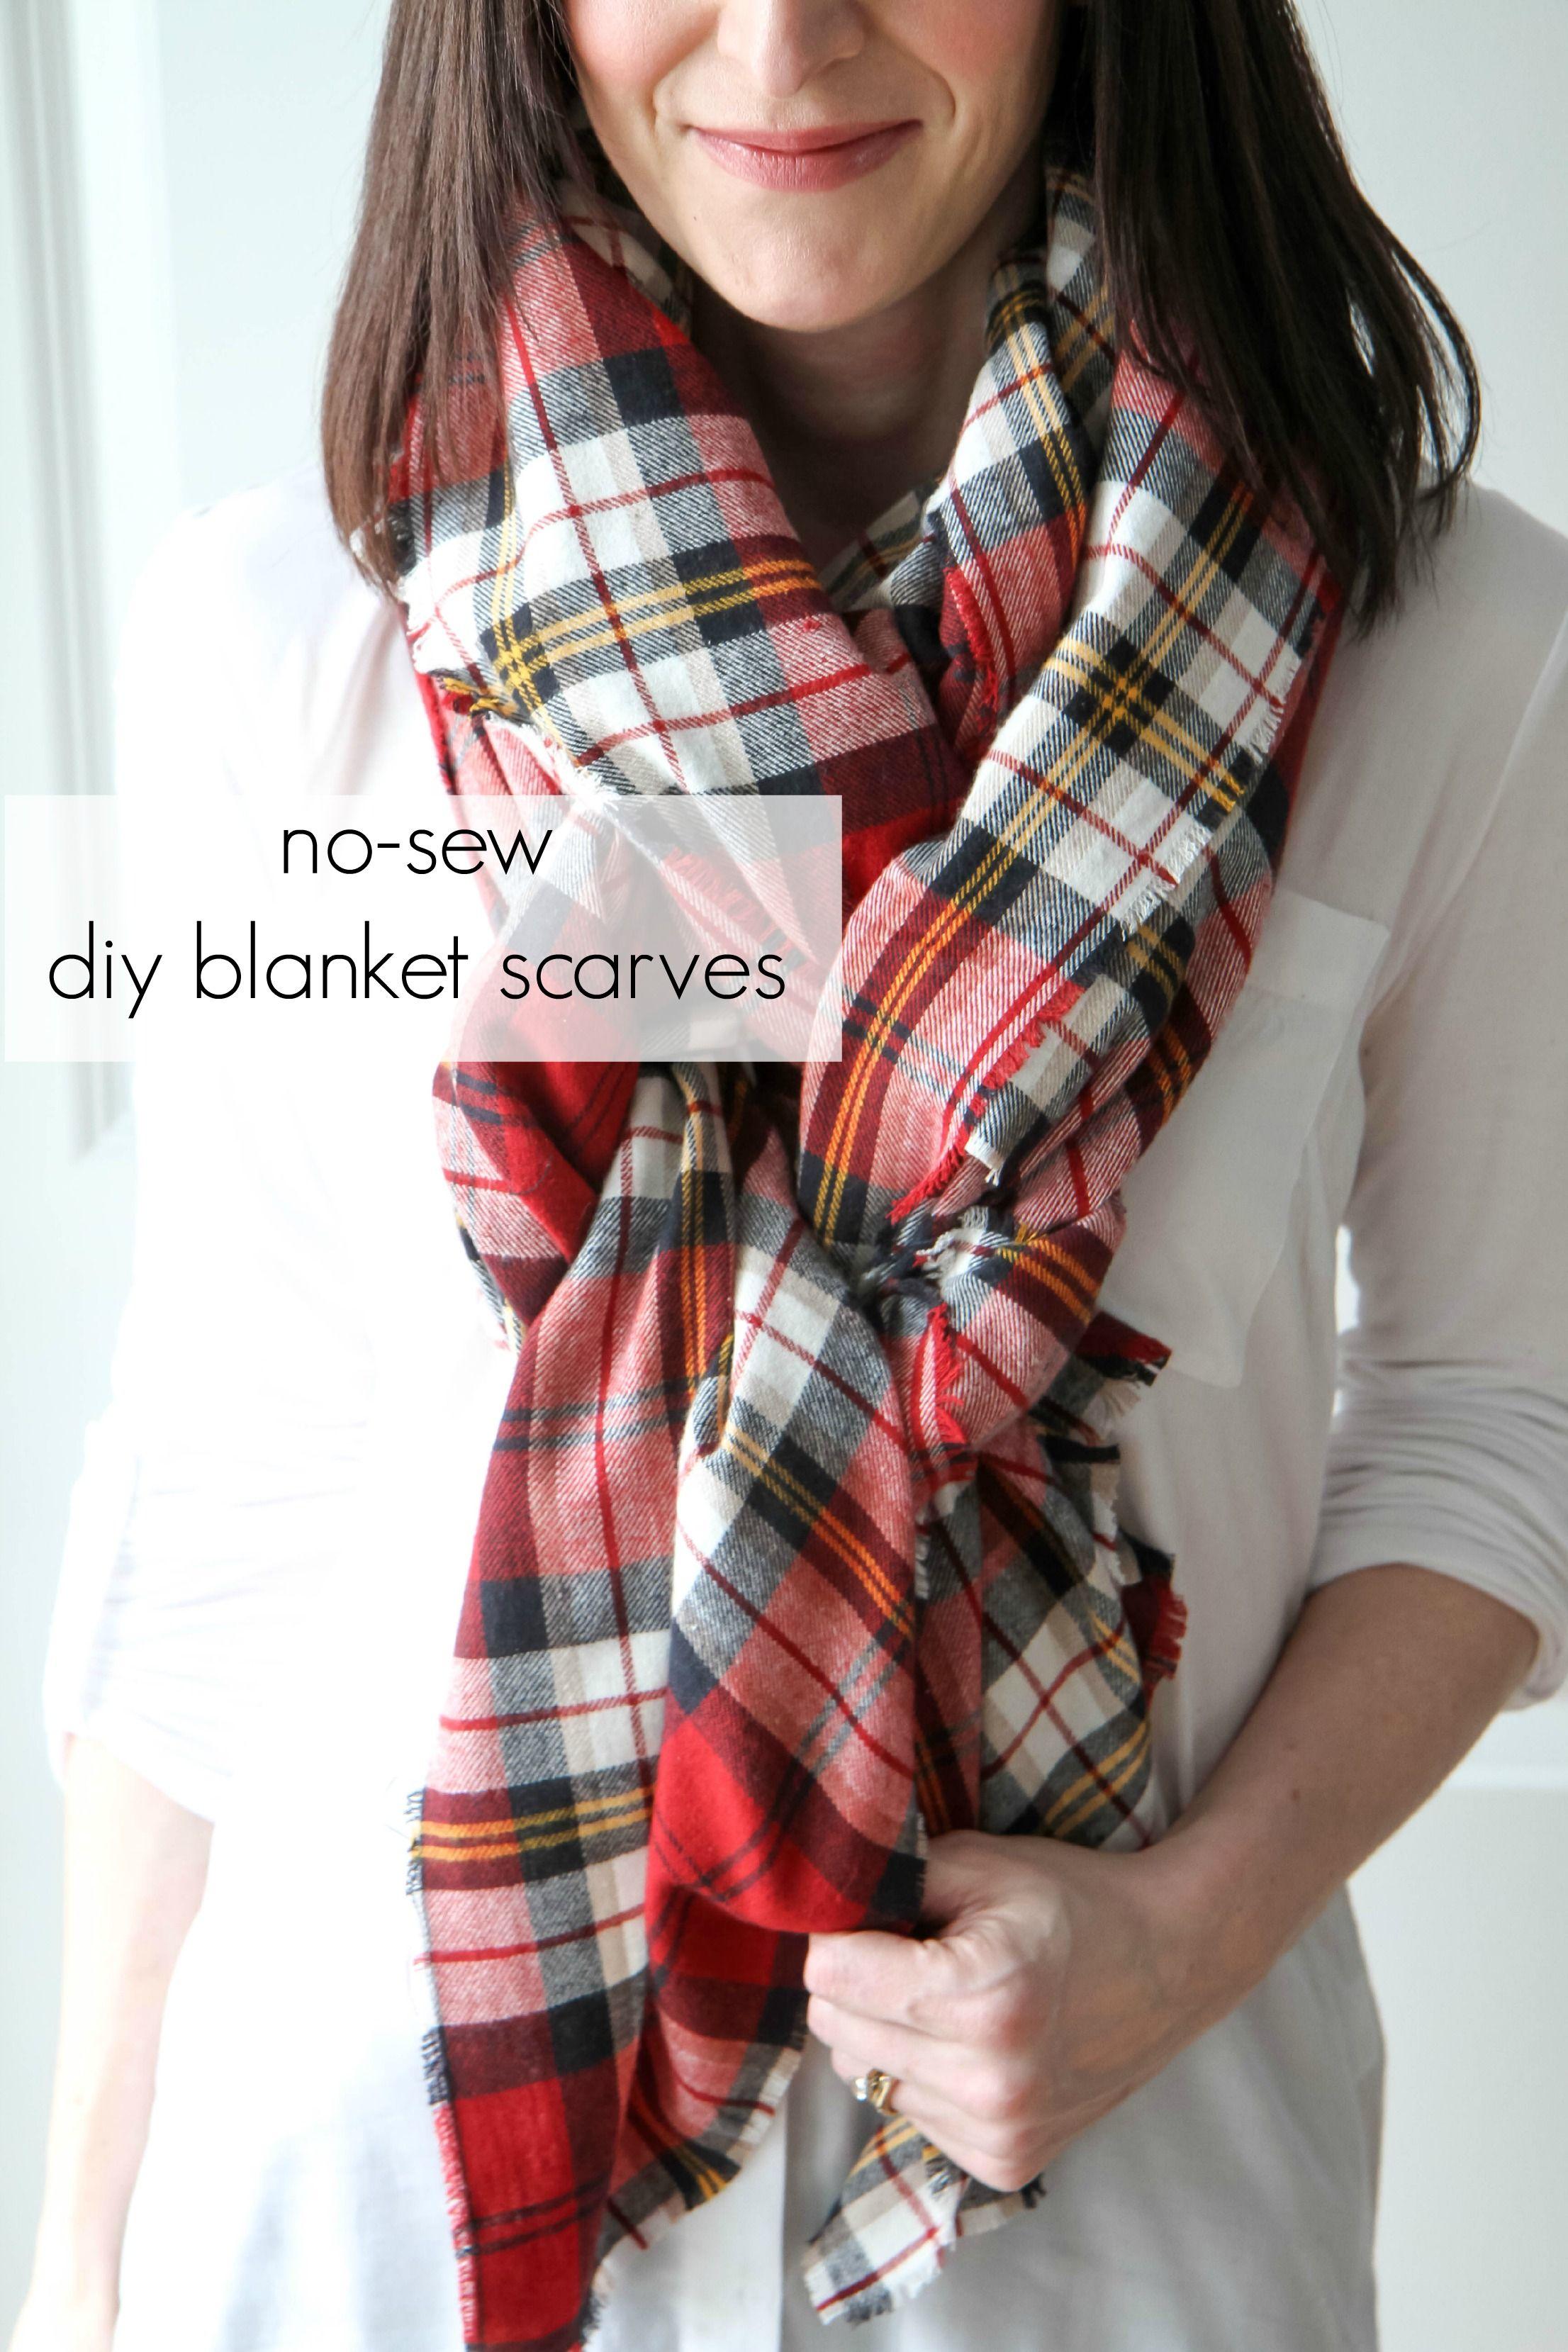 How to Make a Blanket Scarf | Costura, Gato gatito y Accesorios